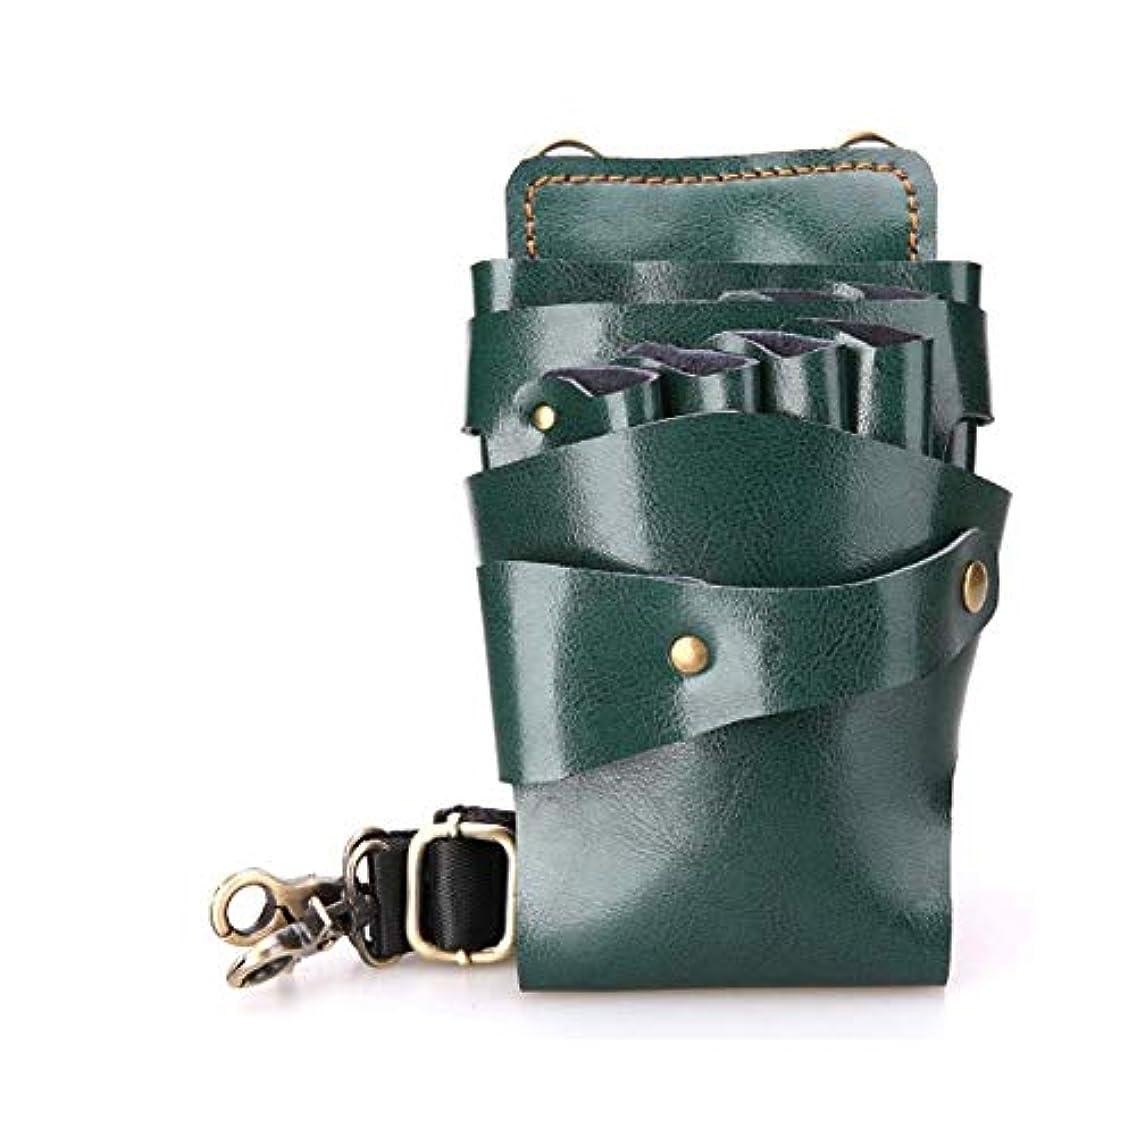 任意同志法令YWAWJ 優れたイタリア素材はプロフェッショナルサロン革シザーバッグ理髪ポーチ理容シザーの作品 (Color : Green)